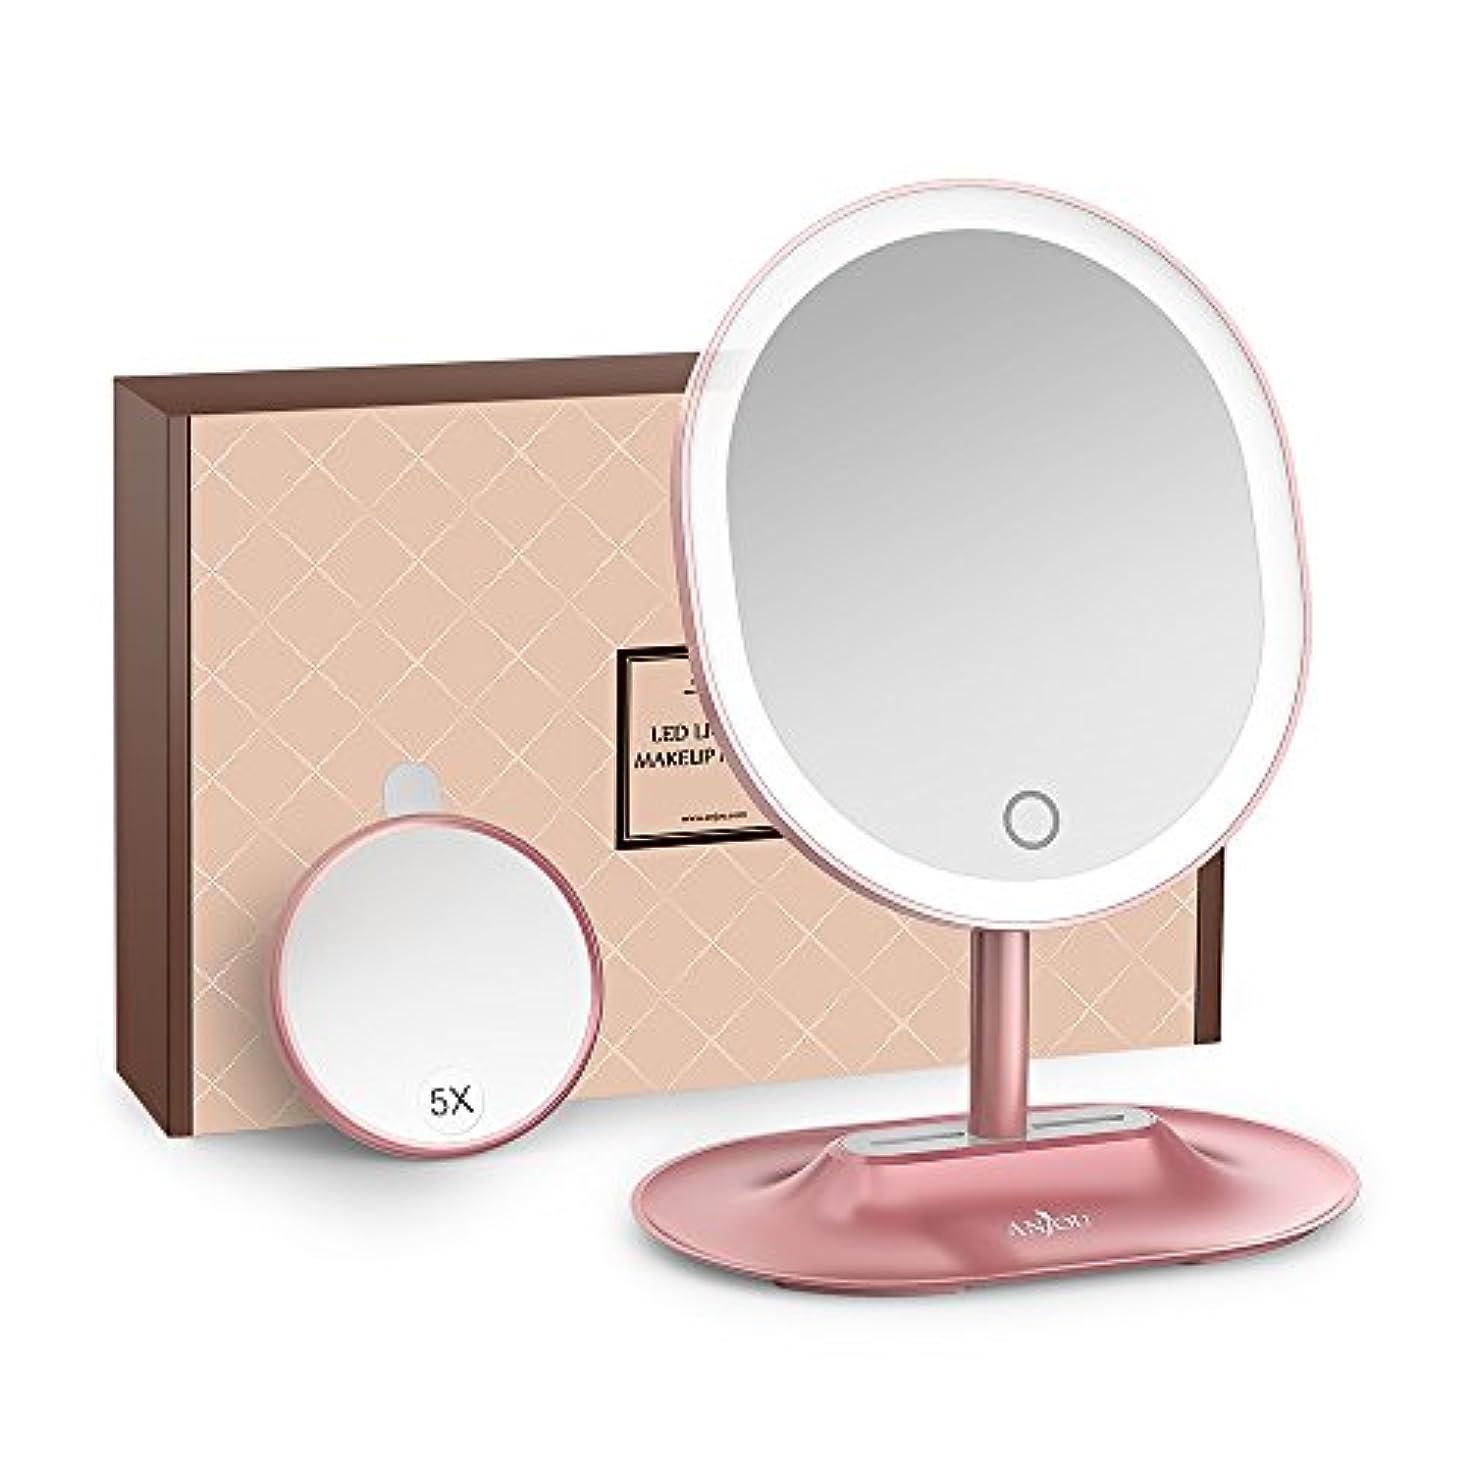 アピール抑制可動Anjou 化粧ミラー LED 卓上 5倍 拡大鏡 タッチパネル 明るさ調節可 メイク スタンドミラー 120度回転 USB充電 トレー付 (ローズゴールド) AJ-MTA005